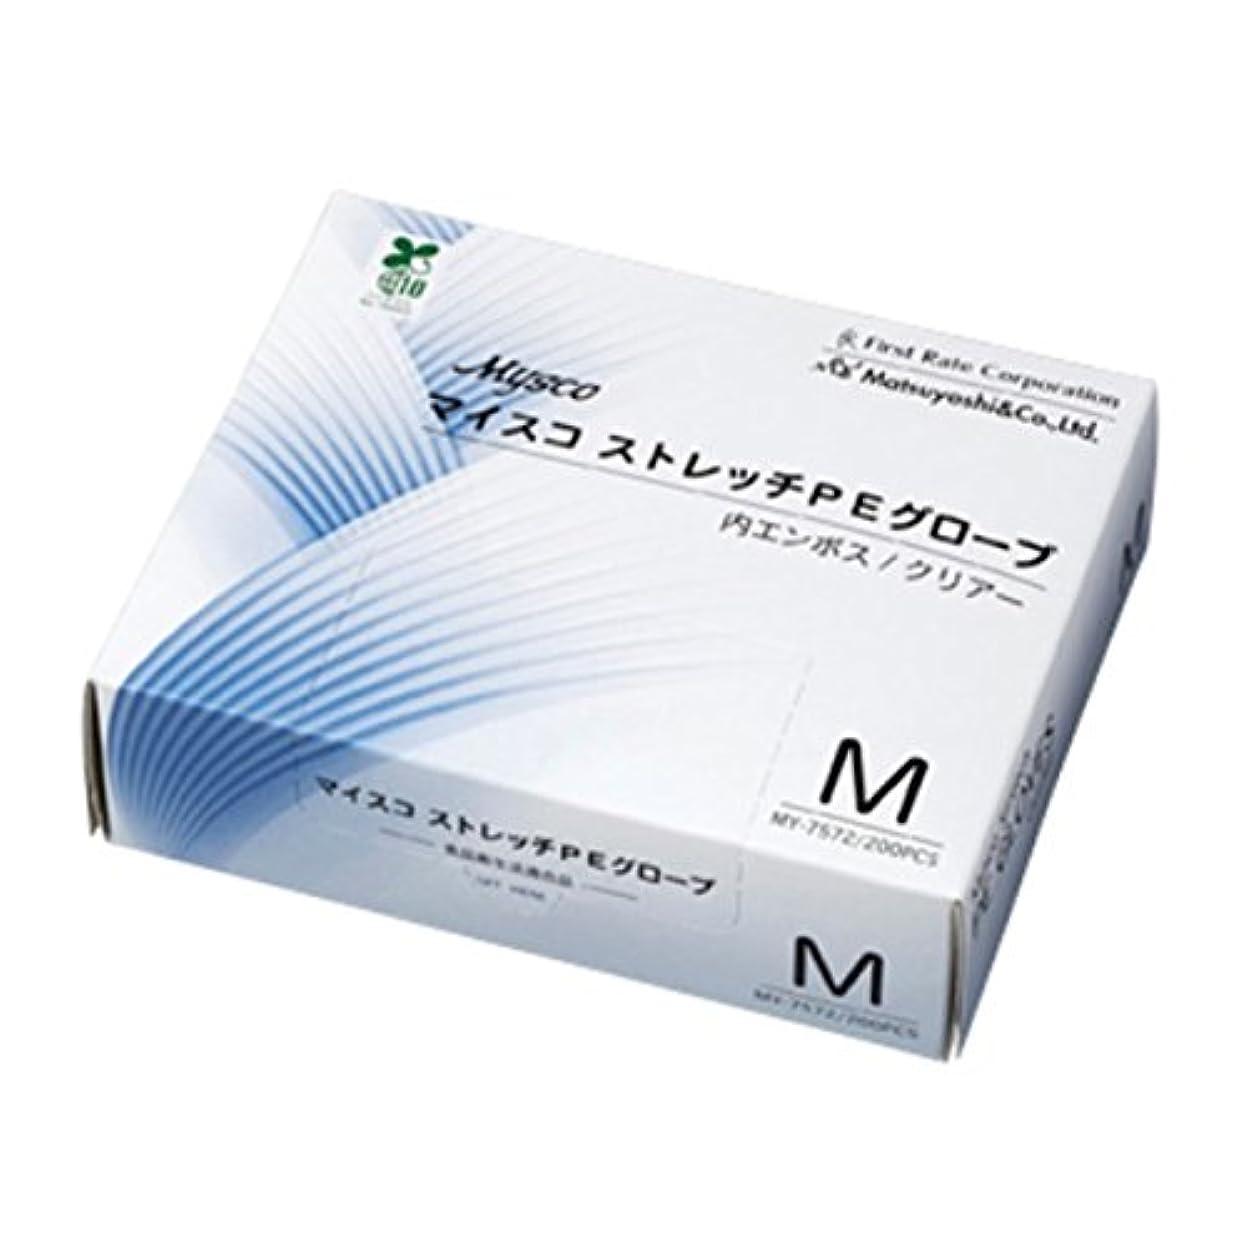 上院選挙ホール【ケース販売】マイスコ ストレッチPEグローブ M 200枚入×40箱